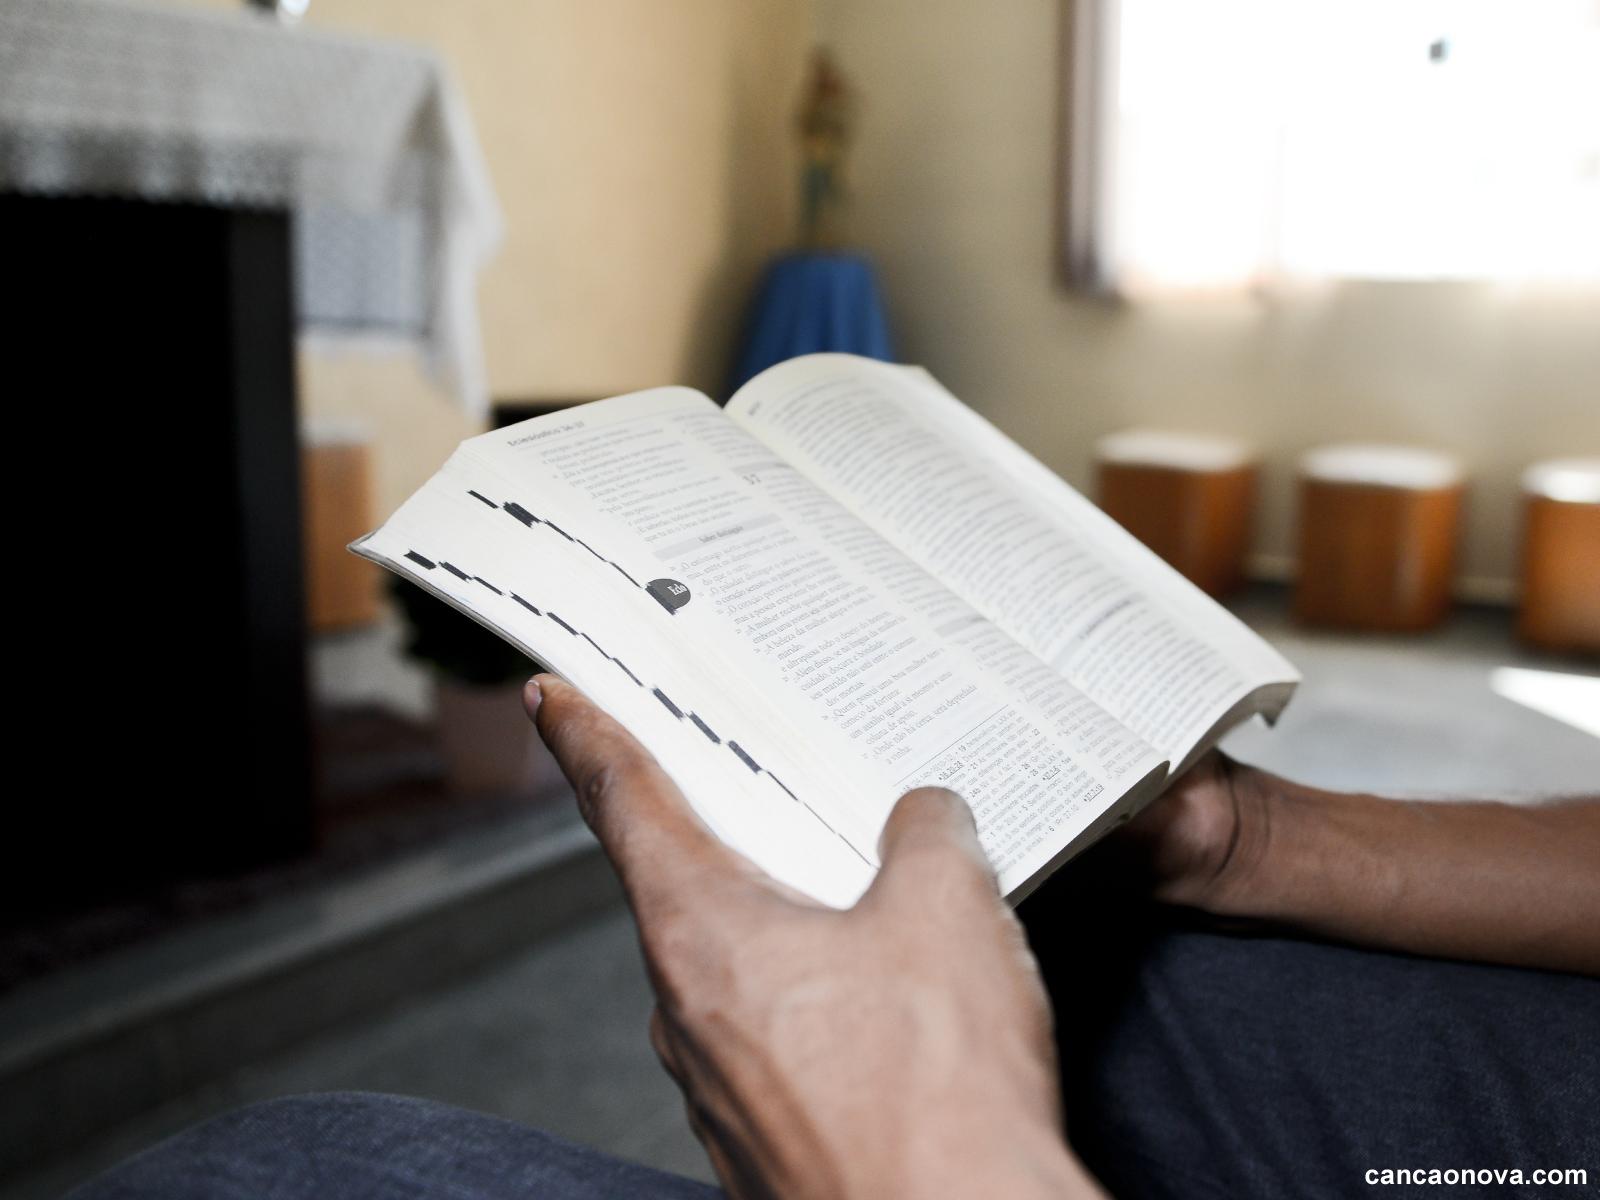 Aprenda o sentido do jejum descrito na Bíblia